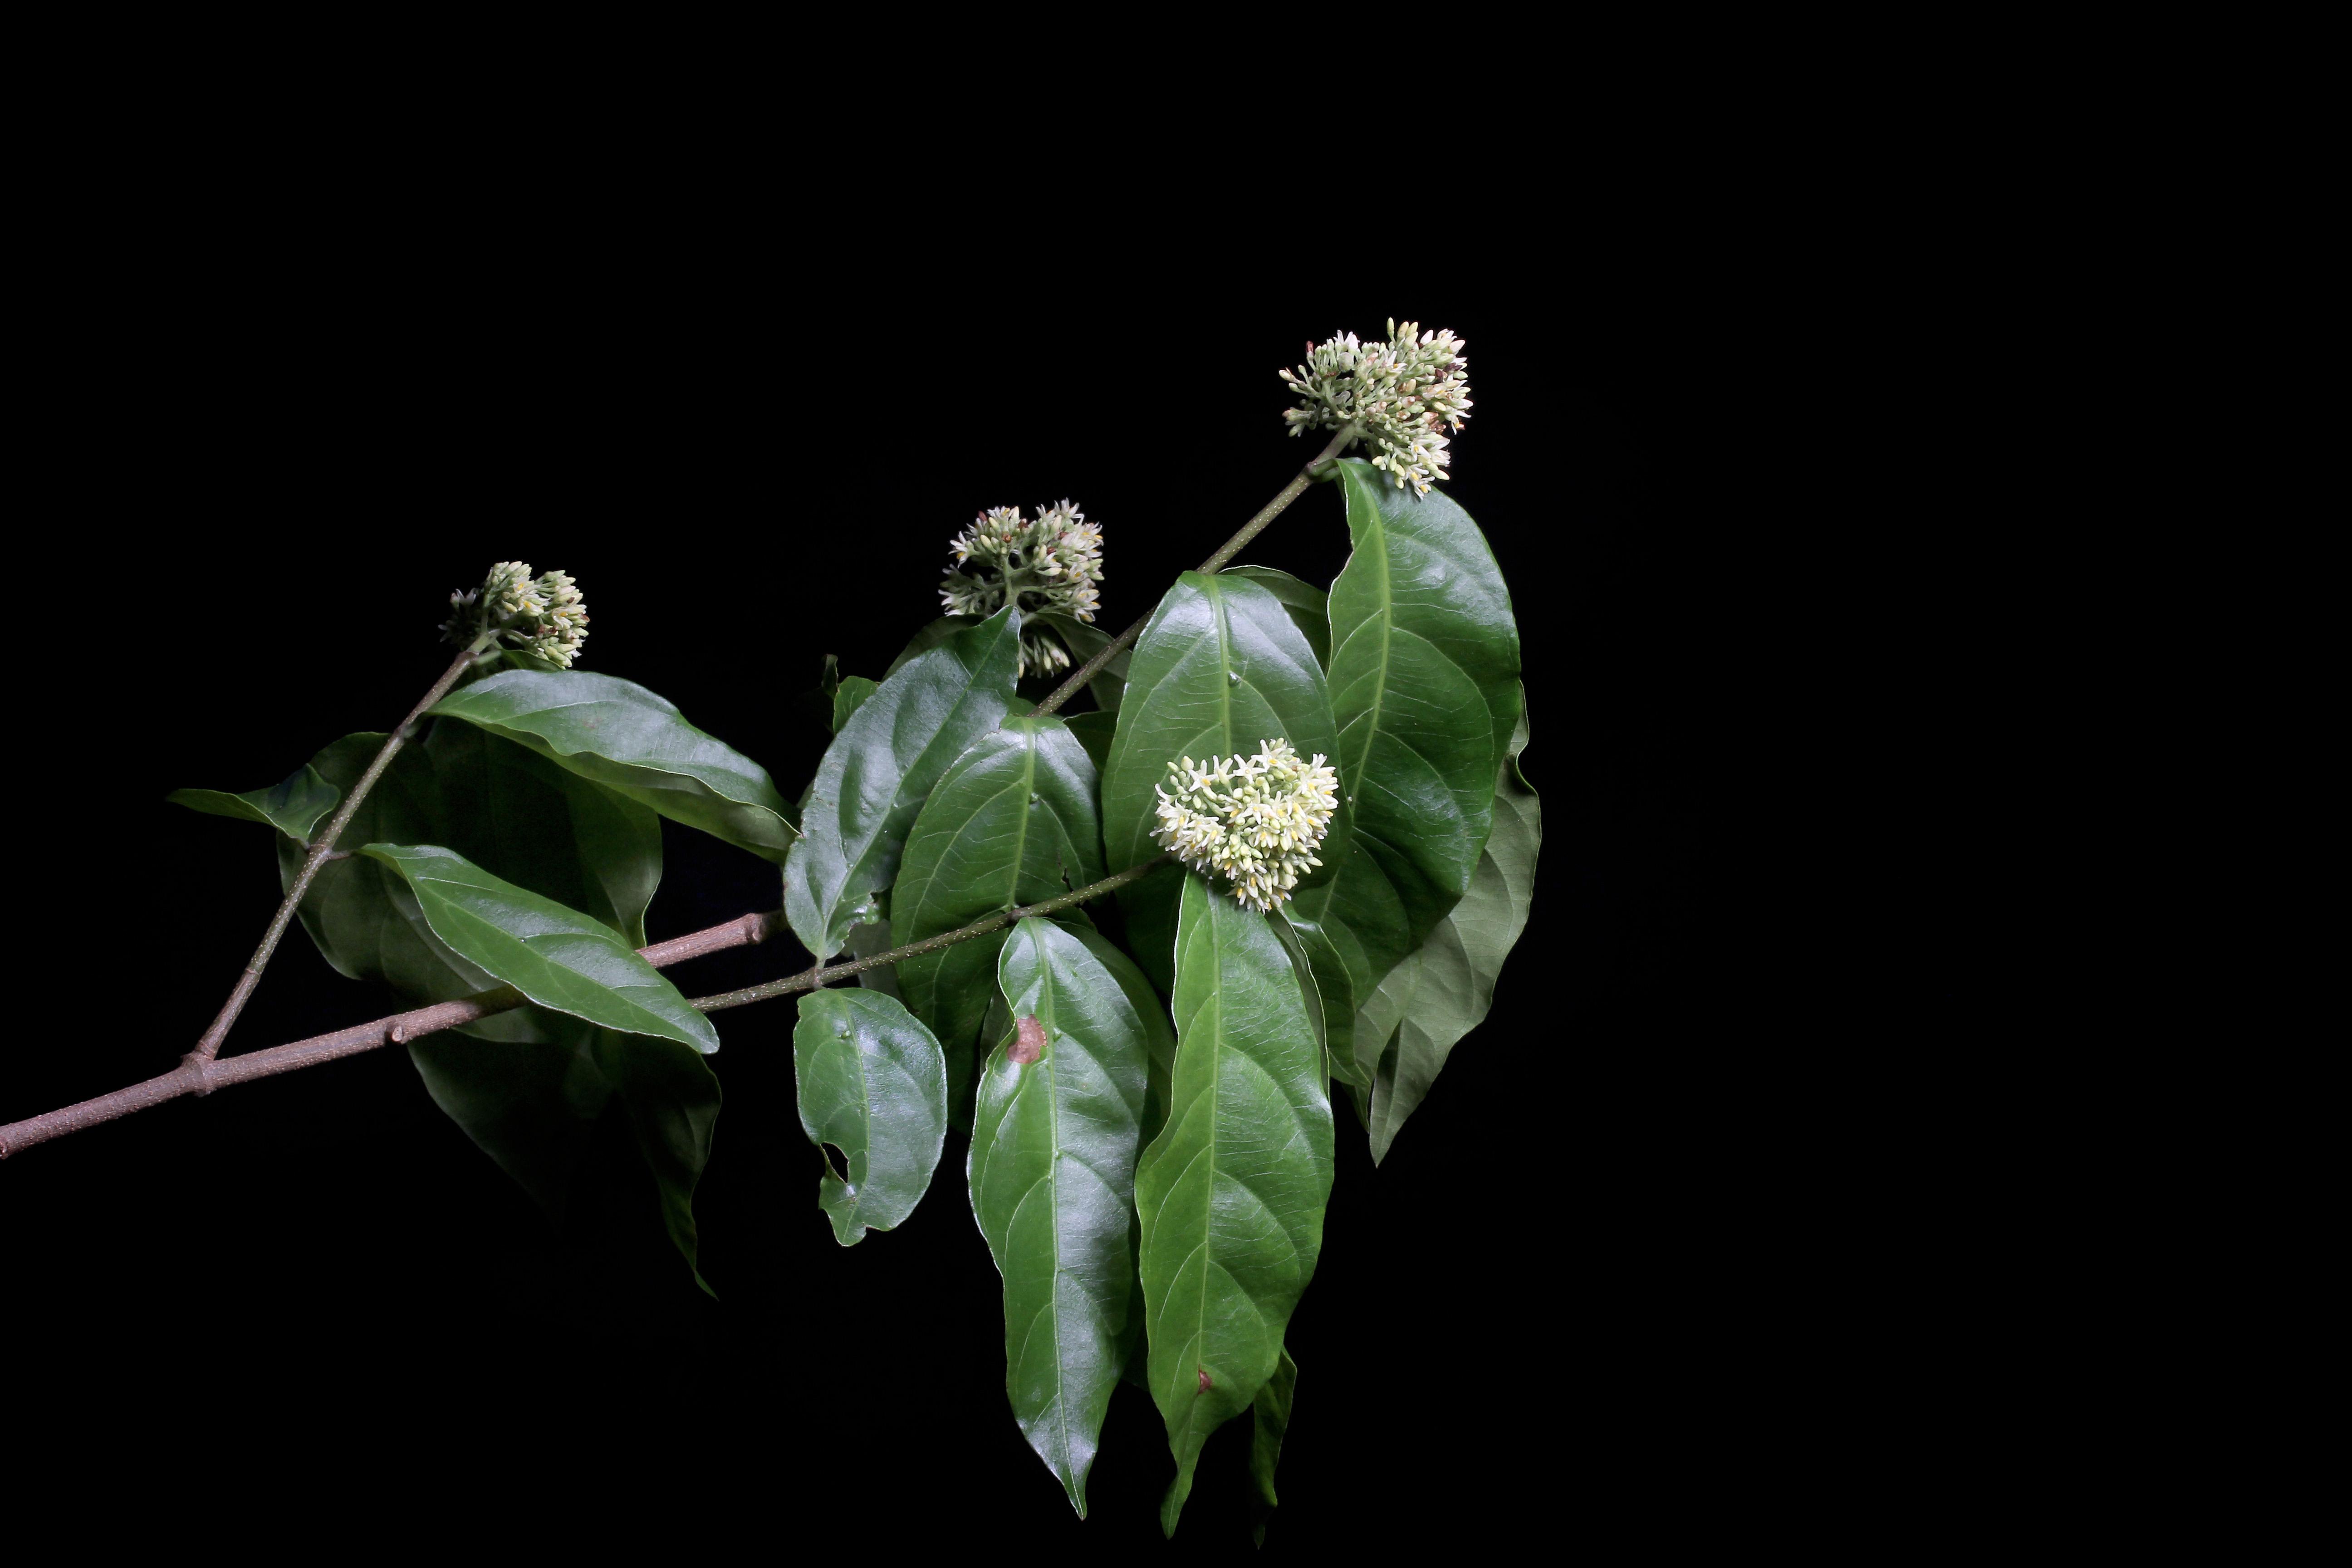 Forsteronia myriantha image